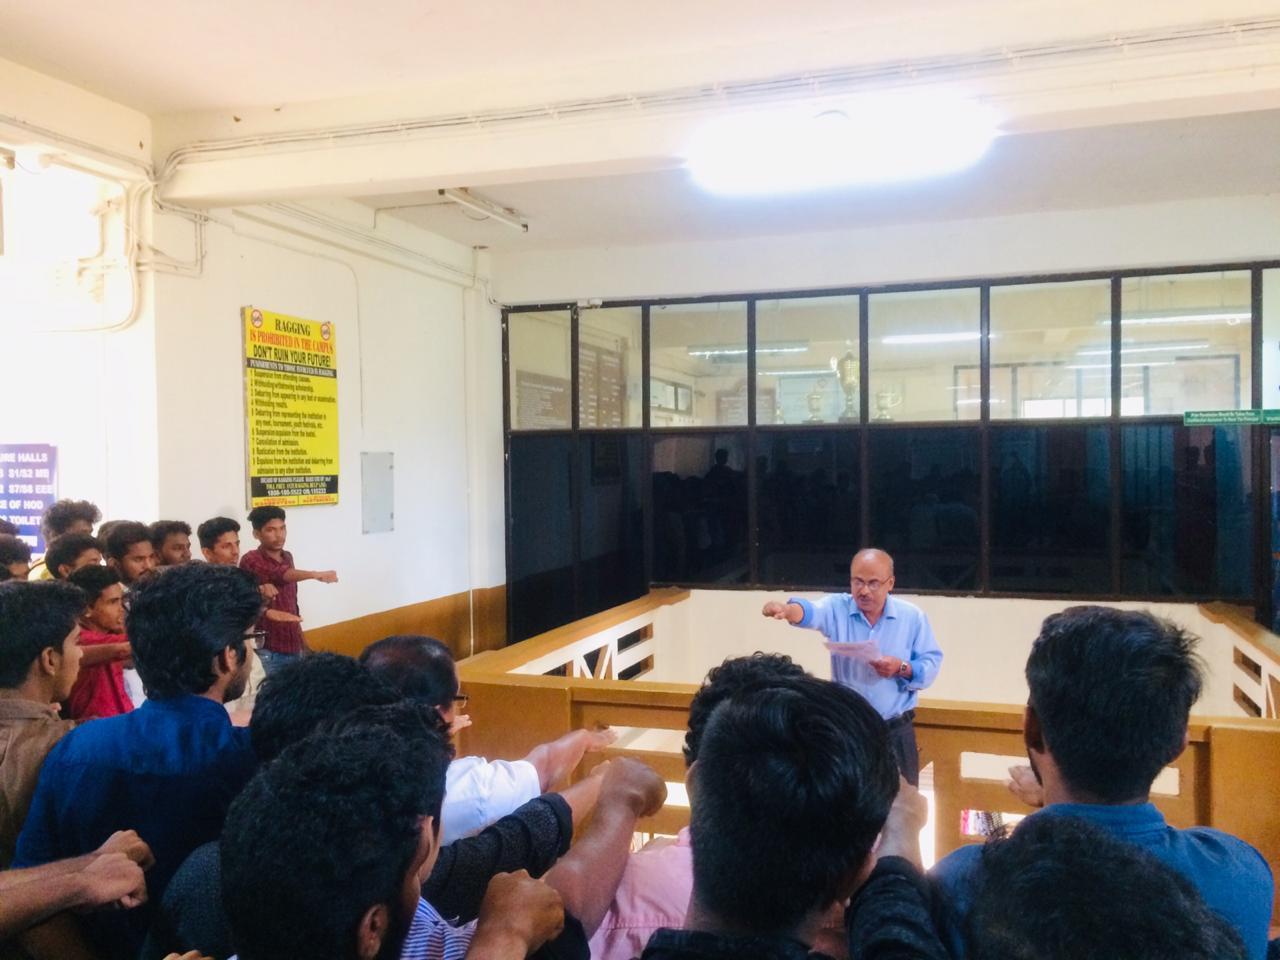 കേരളപ്പിറവി പ്രതിജ്ഞ - 01/11/2018